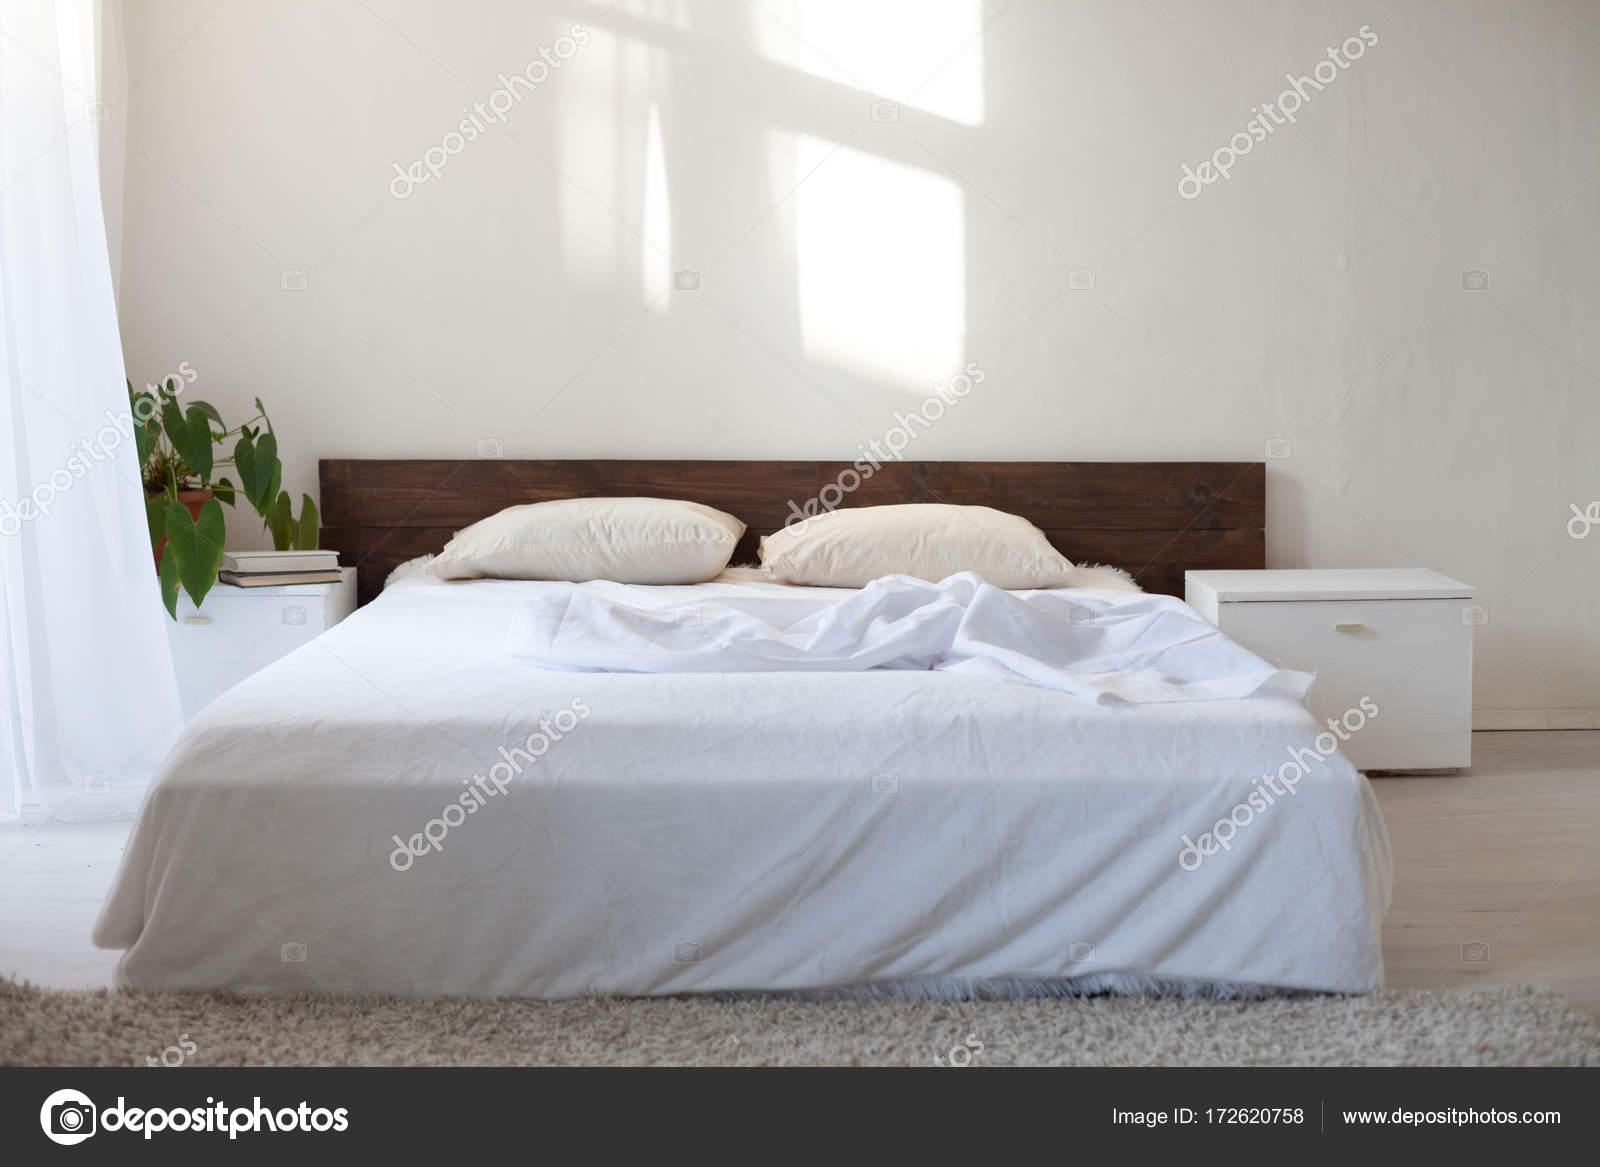 Sypialnia Z łóżkiem W Białym Pokoju Zdjęcie Stockowe